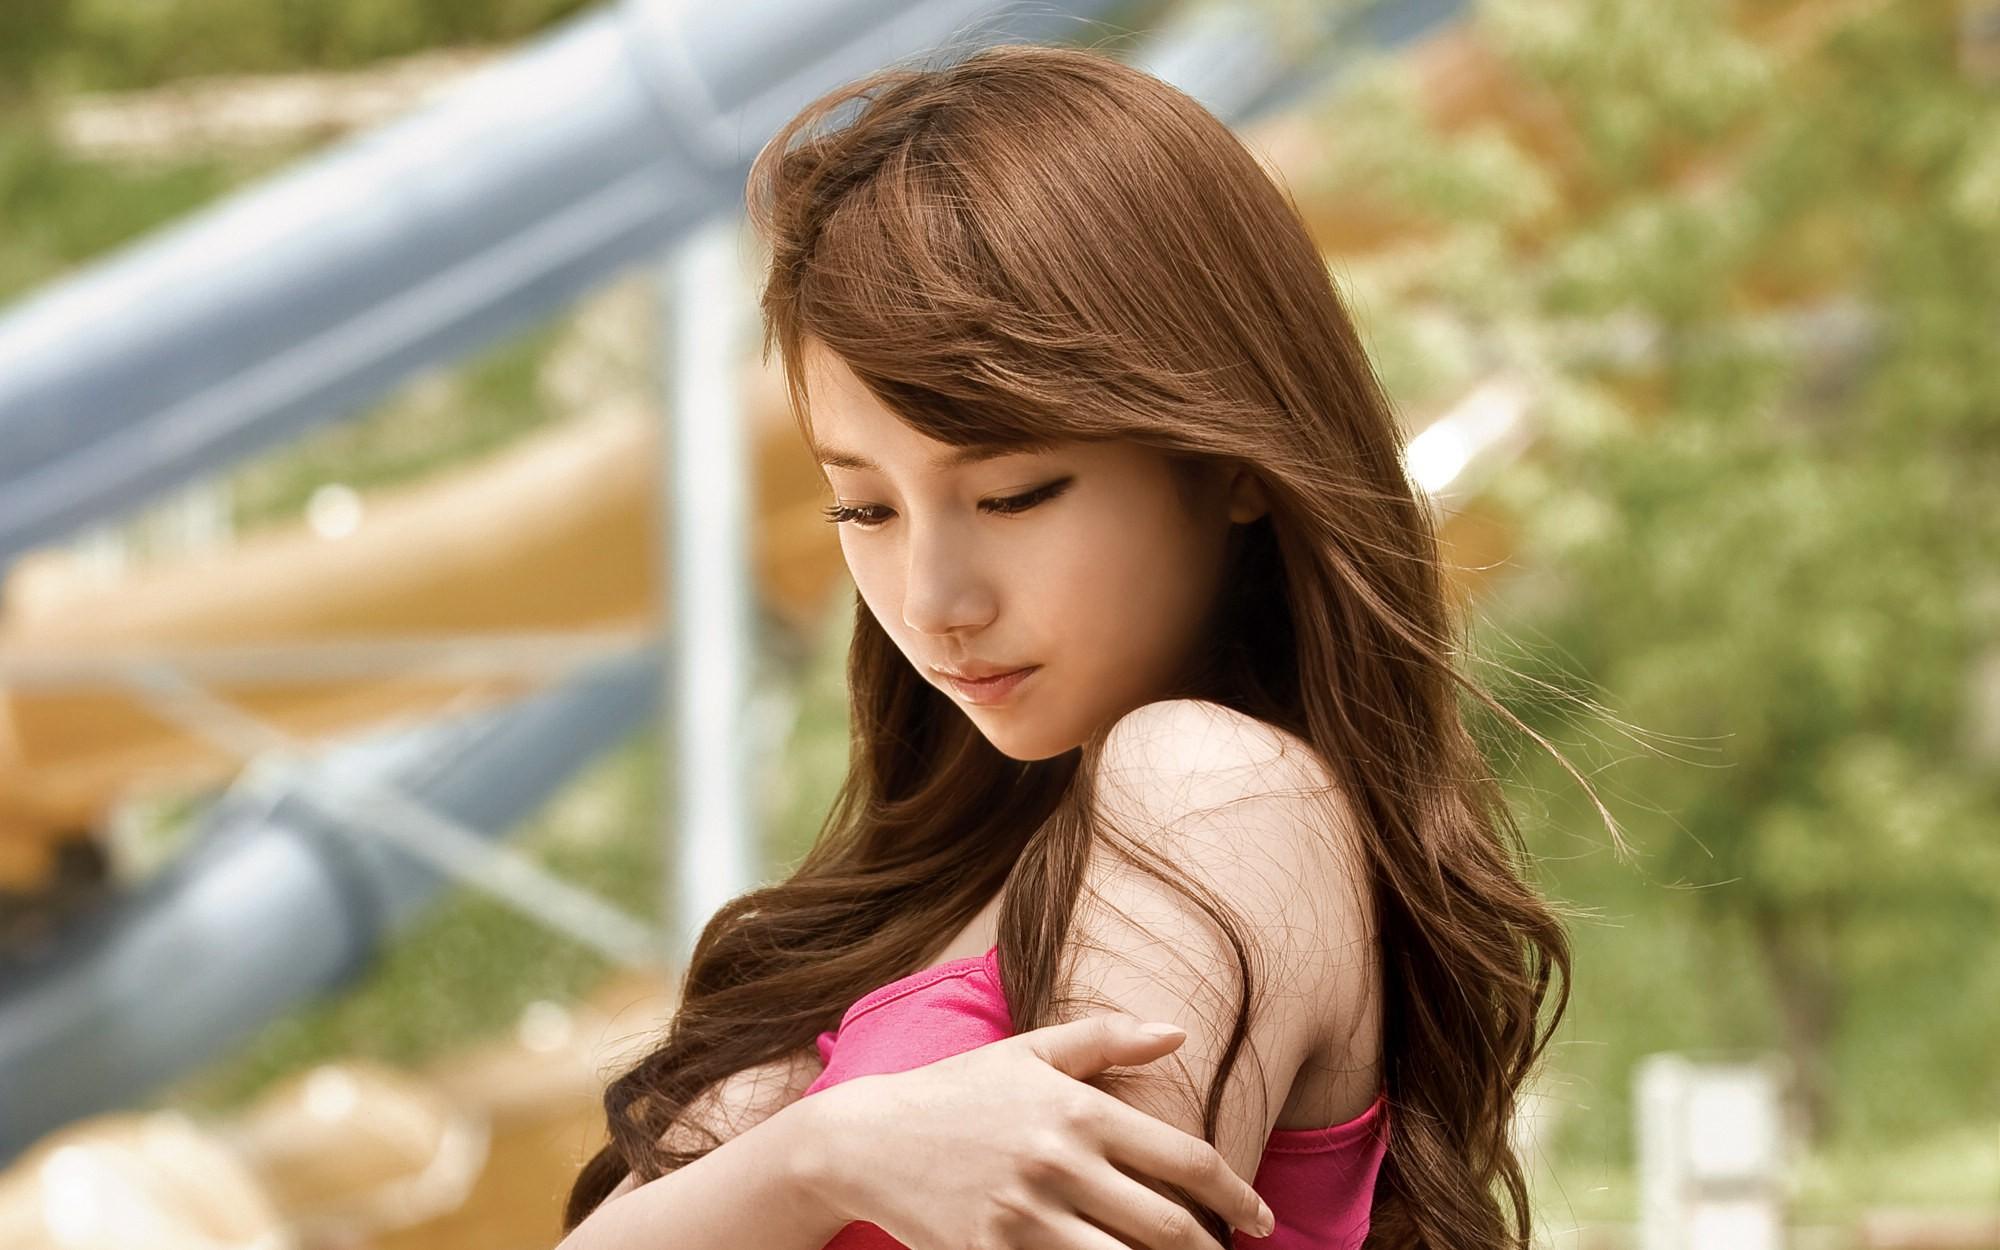 Chicas Coreanas - 2000x1250